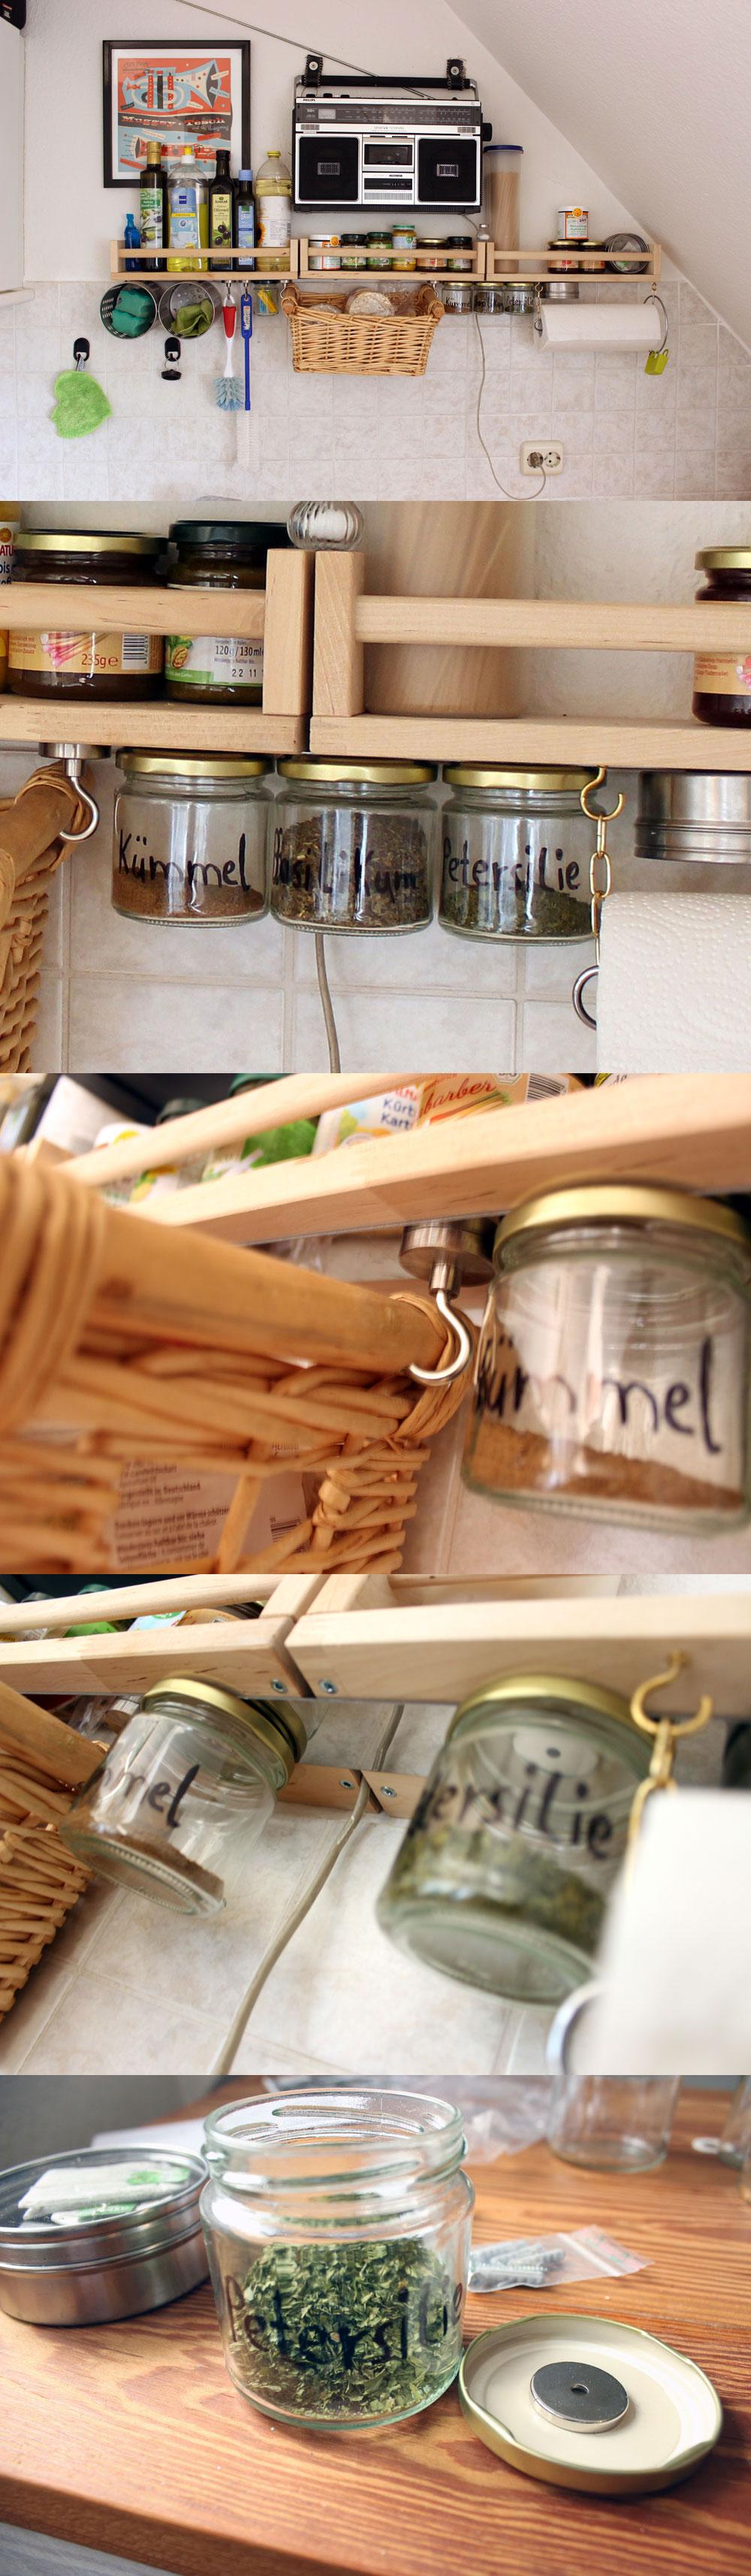 Küche organisieren mit Magneten. Organising a tiny kitchen ...